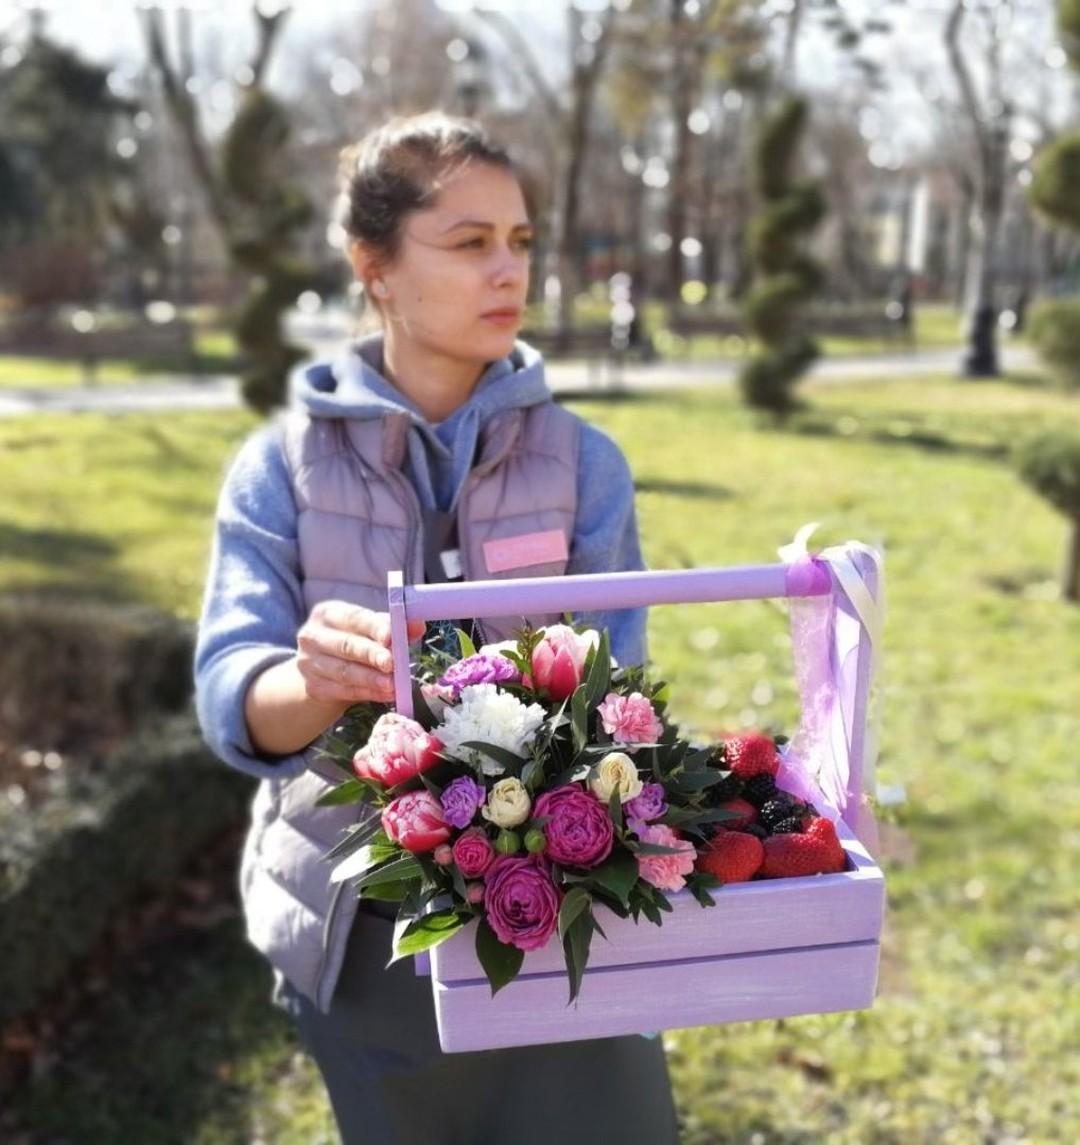 Ягодный и цветочный подарок, яркий и симпатичный. Сделали мы его, а для корпоративных подарков собрали их десятки. . . Звоните +79000001133 Рашпилевская 28 Работаем с 8:00 до 20:00 tiffanyblooms.ru #цветыкрд #доставкацветовкраснодар #доставкабукетовкраснодар #букетвшляпнойкоробке